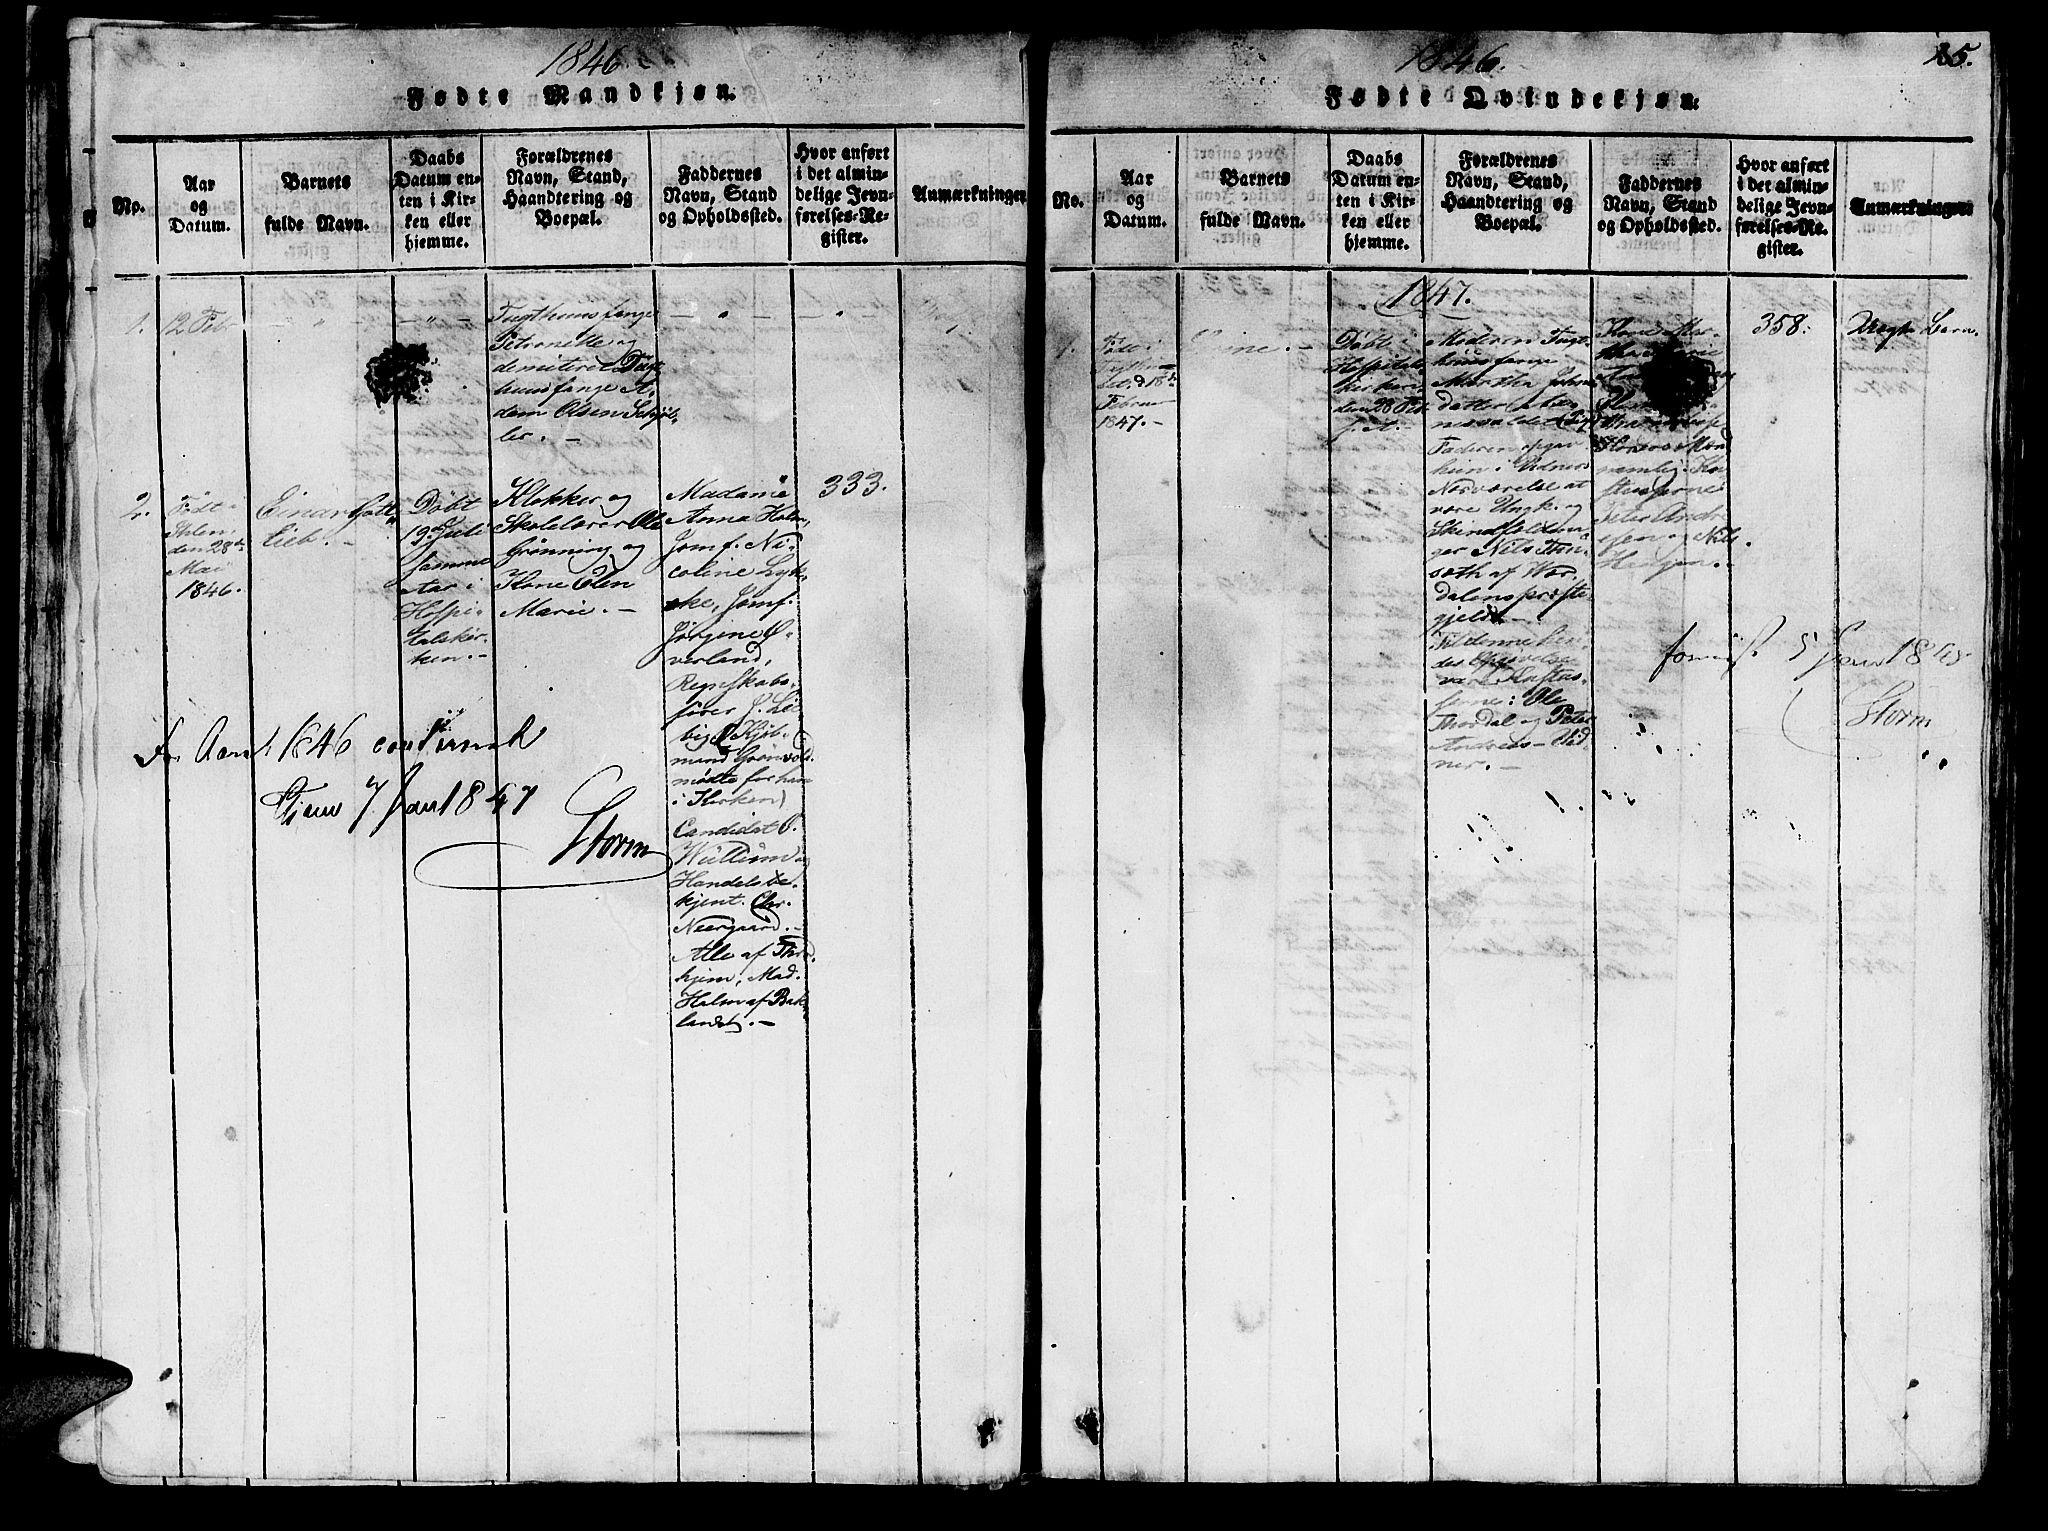 SAT, Ministerialprotokoller, klokkerbøker og fødselsregistre - Sør-Trøndelag, 623/L0478: Klokkerbok nr. 623C01, 1815-1873, s. 25